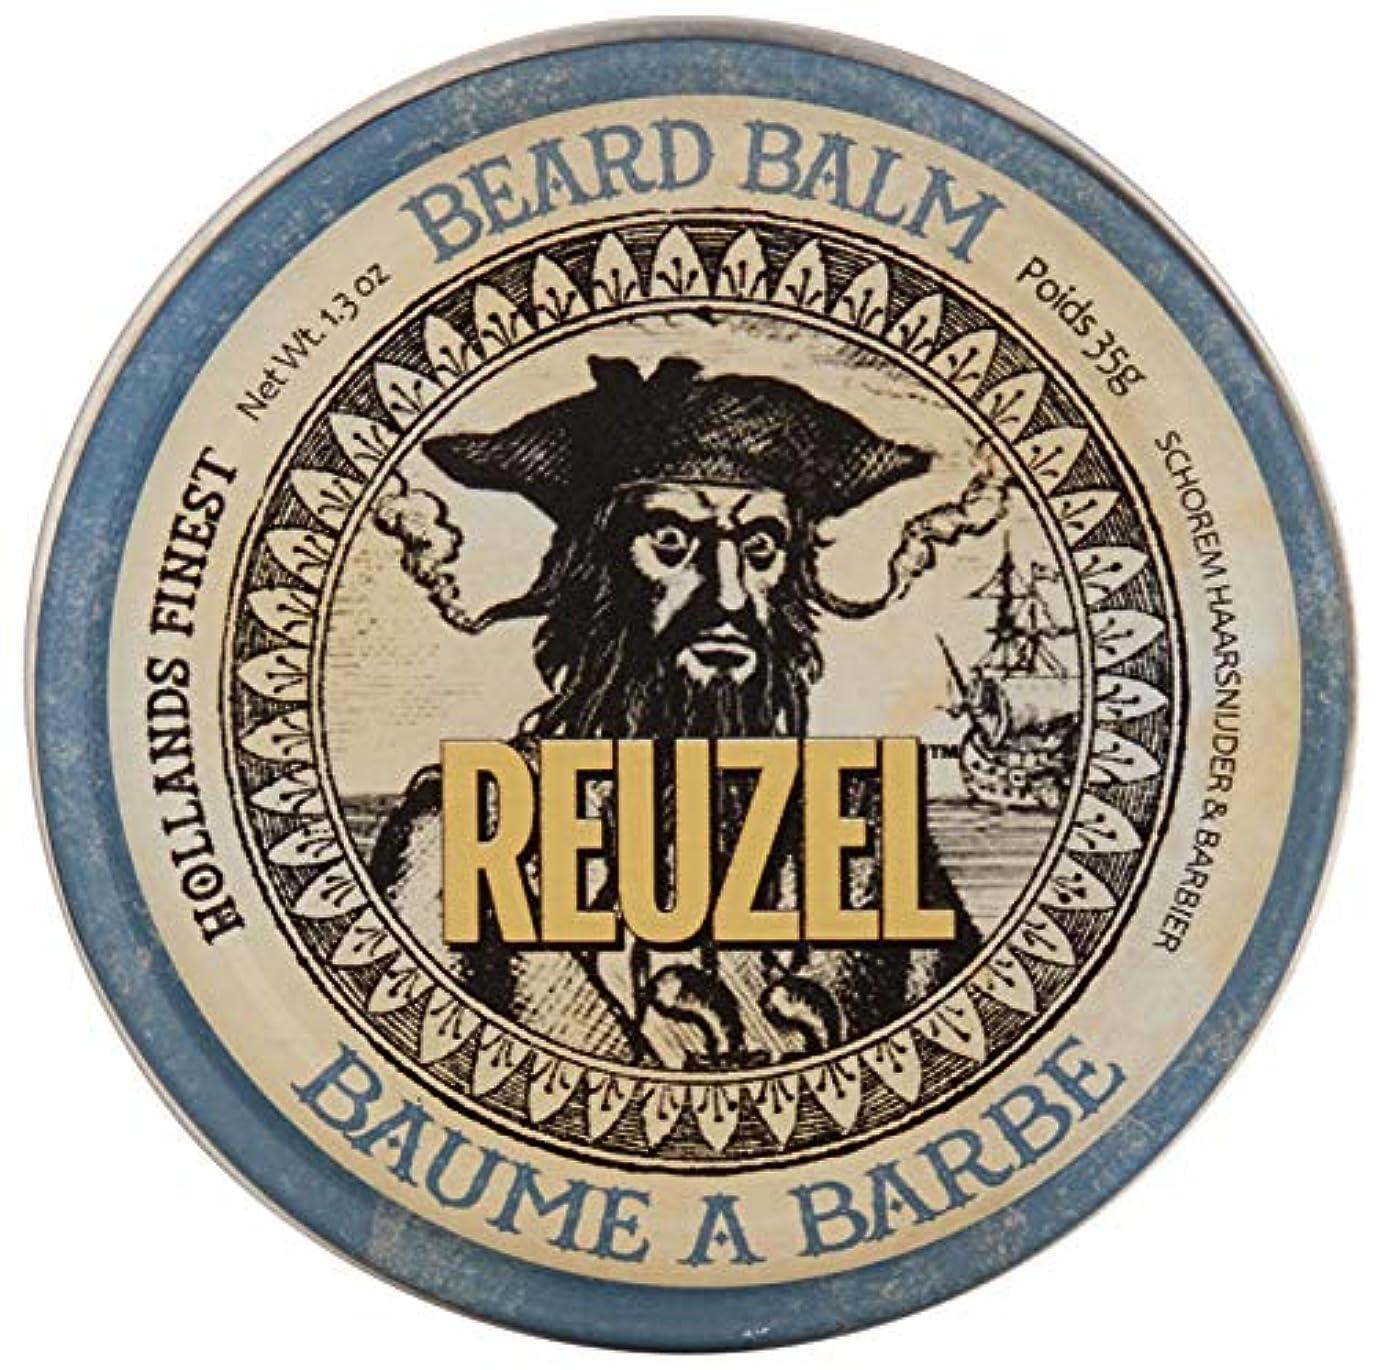 削除する栄光量でreuzel BEARD BALM 1.3 oz by REUZEL